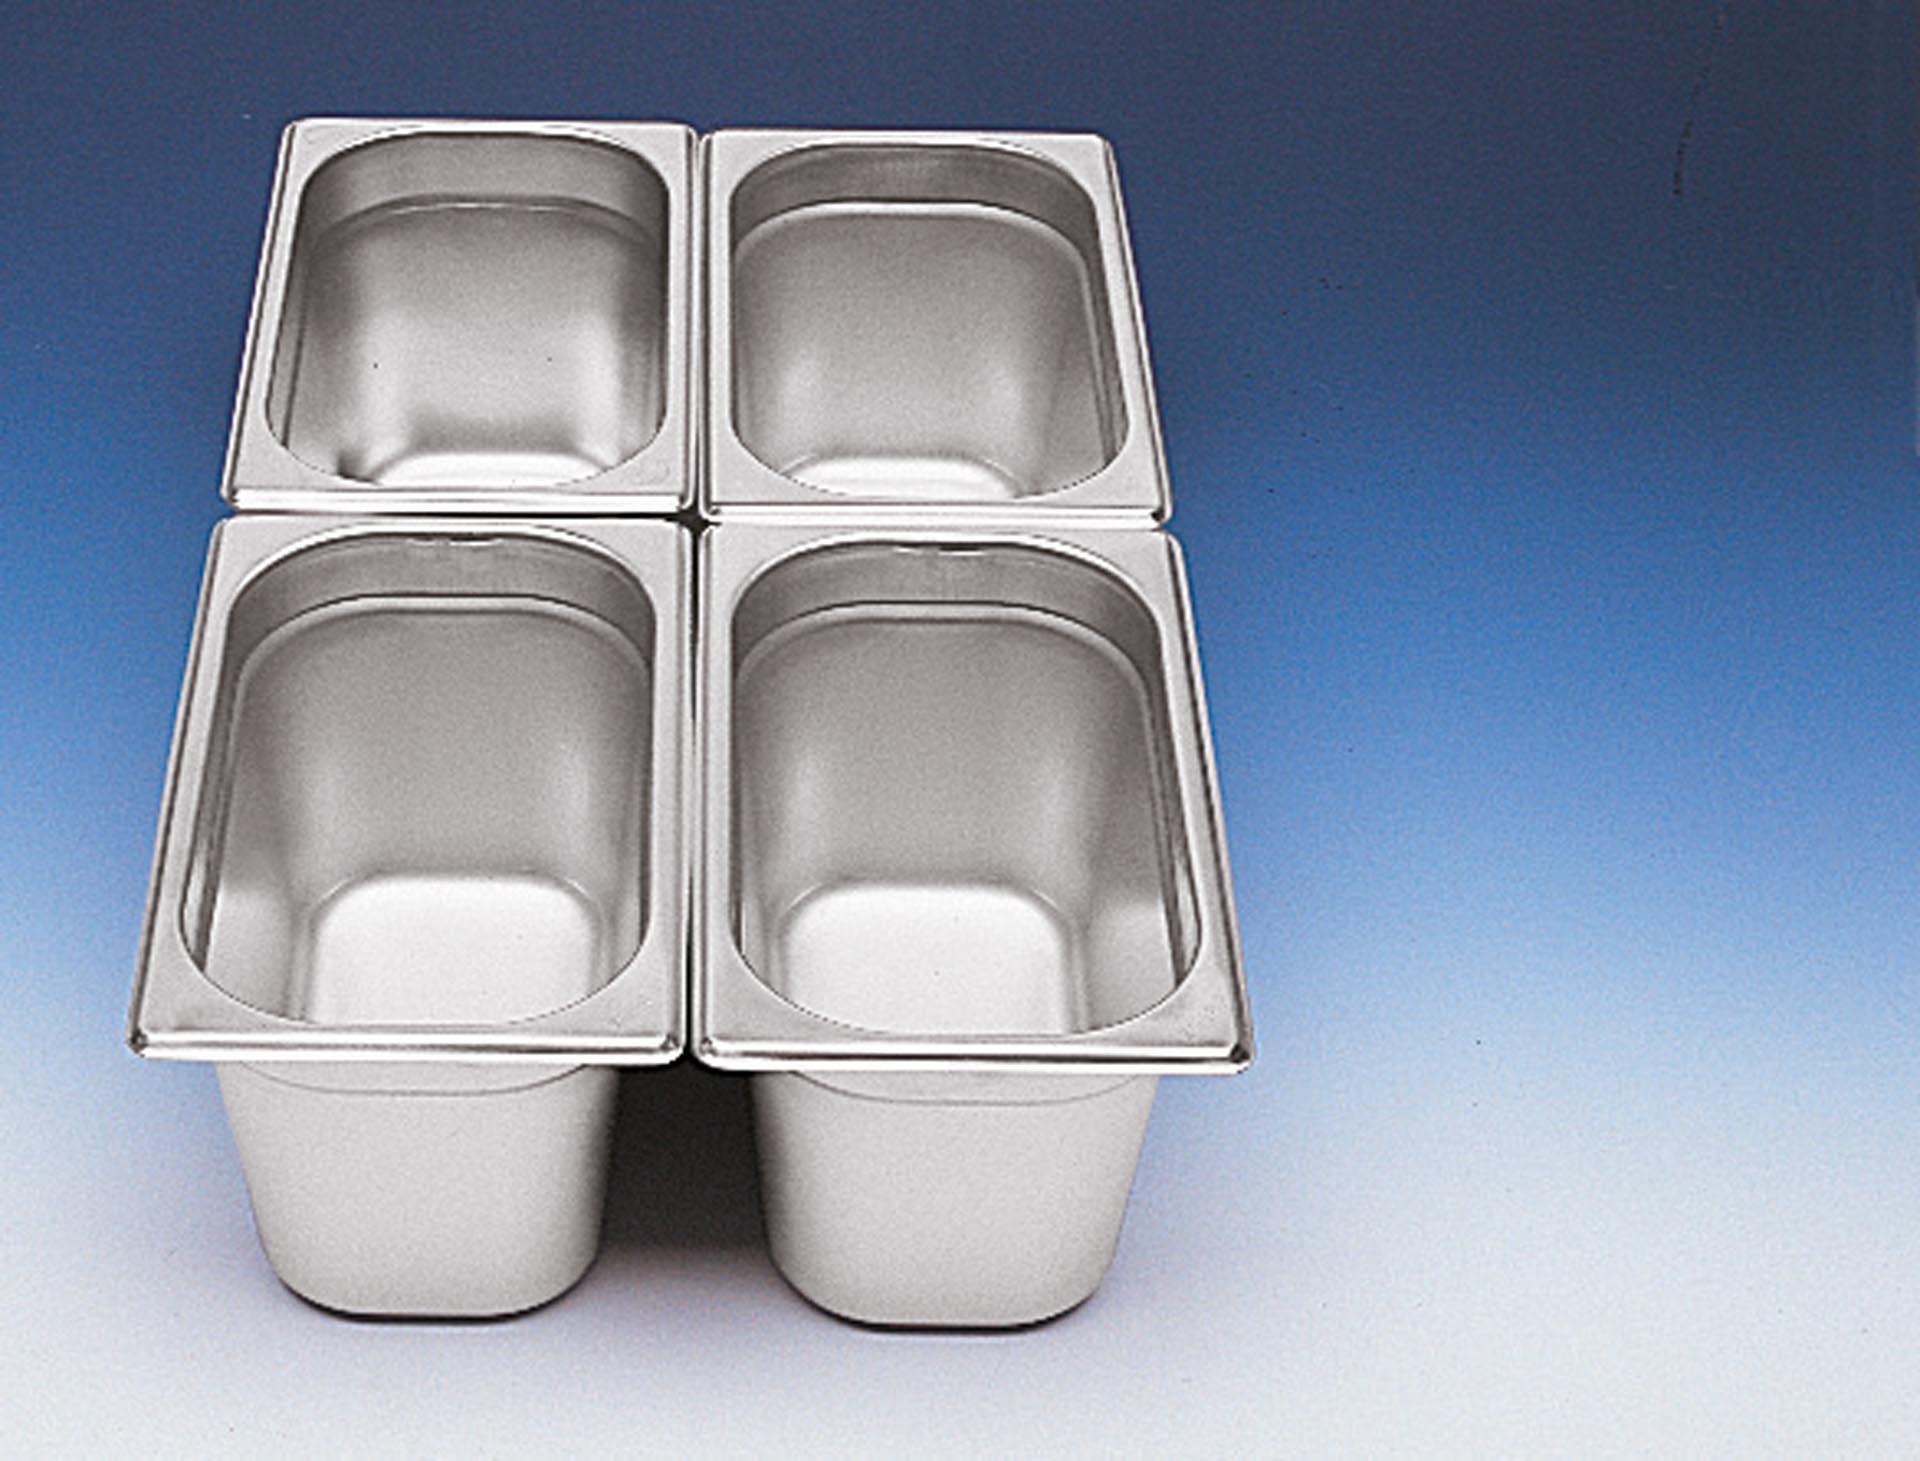 GN-Behälter 1/4 Edelstahl 100 mm tief